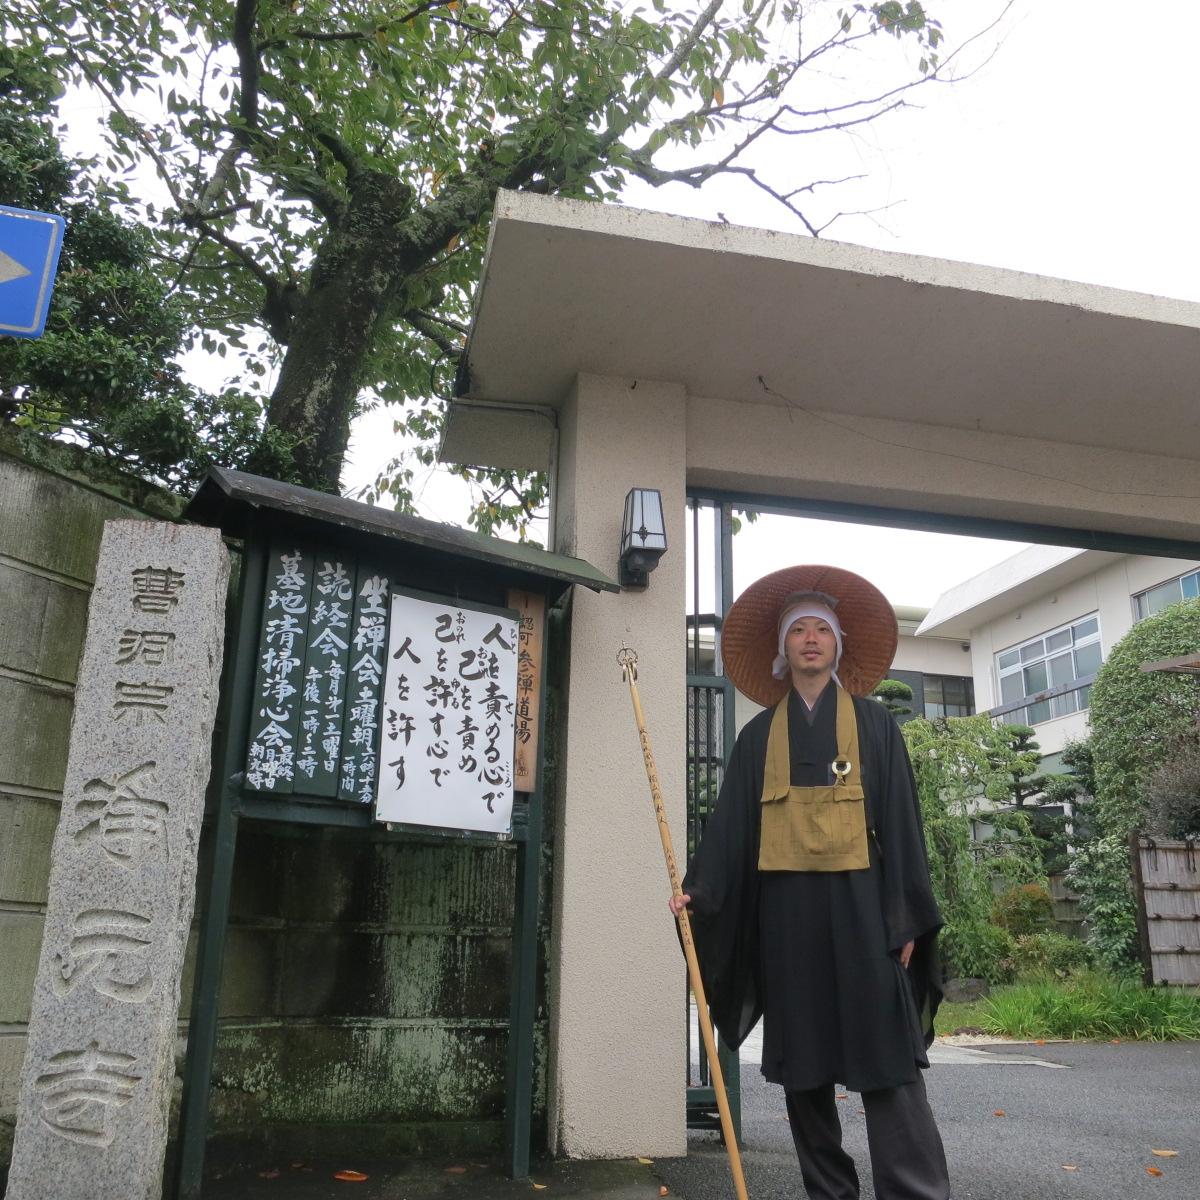 修行が終わり、歩いてお寺まで戻りました